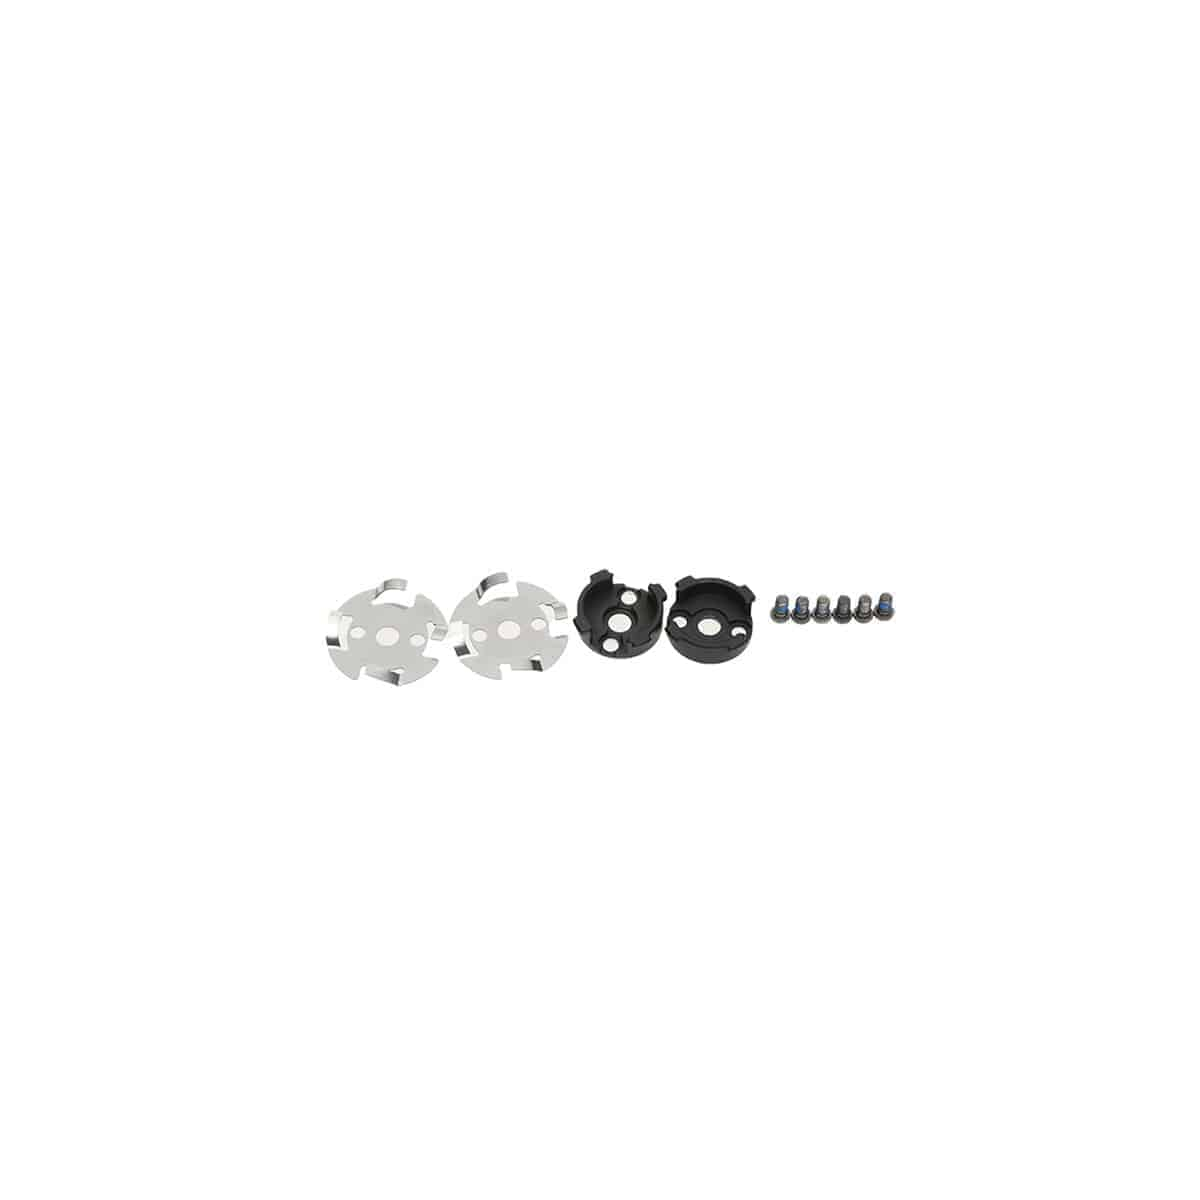 DJI Inspire 1 - 1345s Propeller Installation Kits